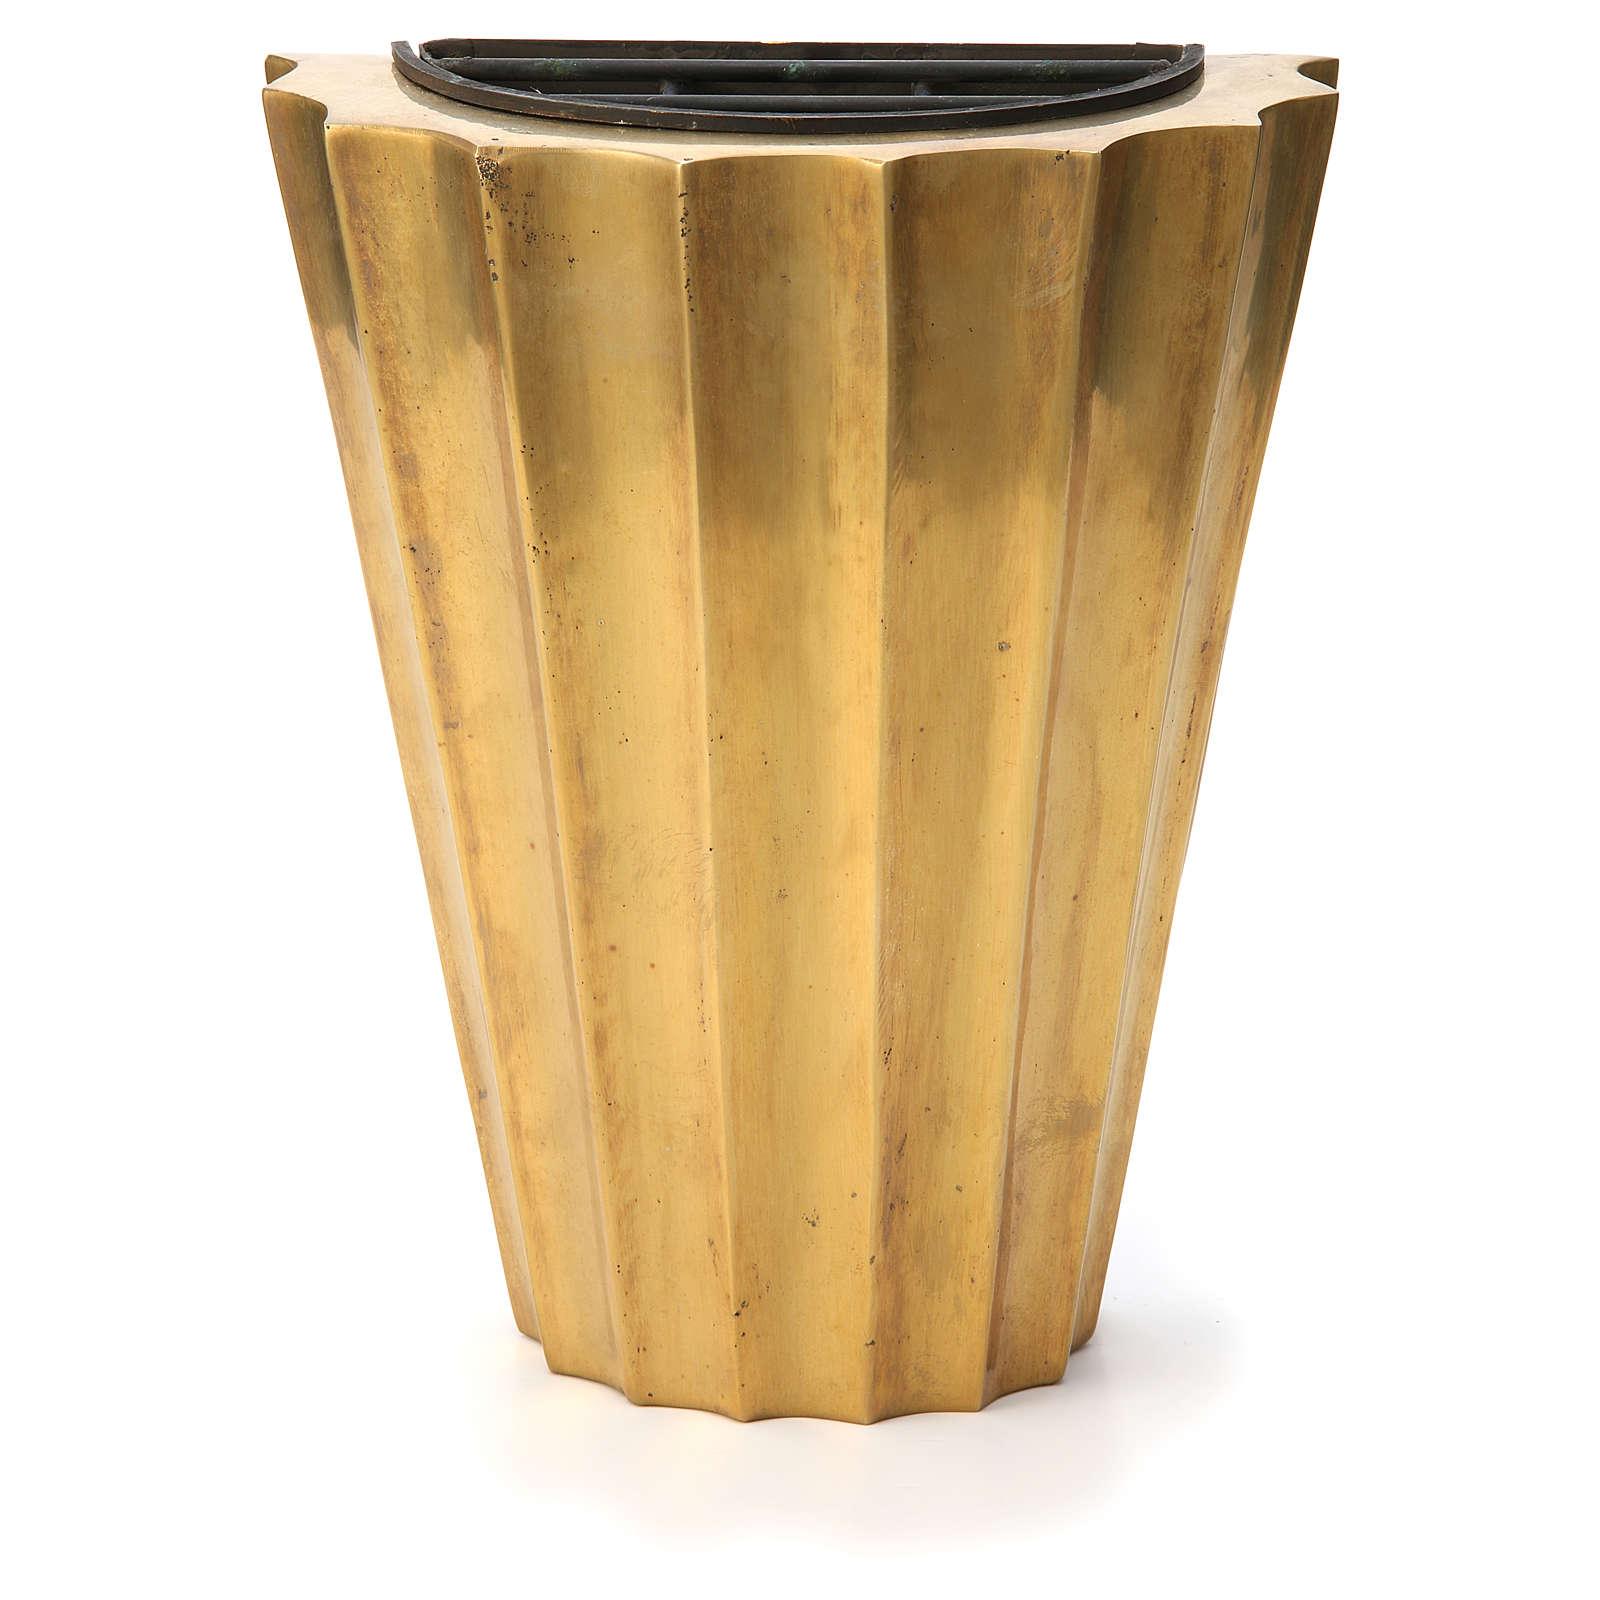 Vase cimetière laiton bronzé plissé avec bac